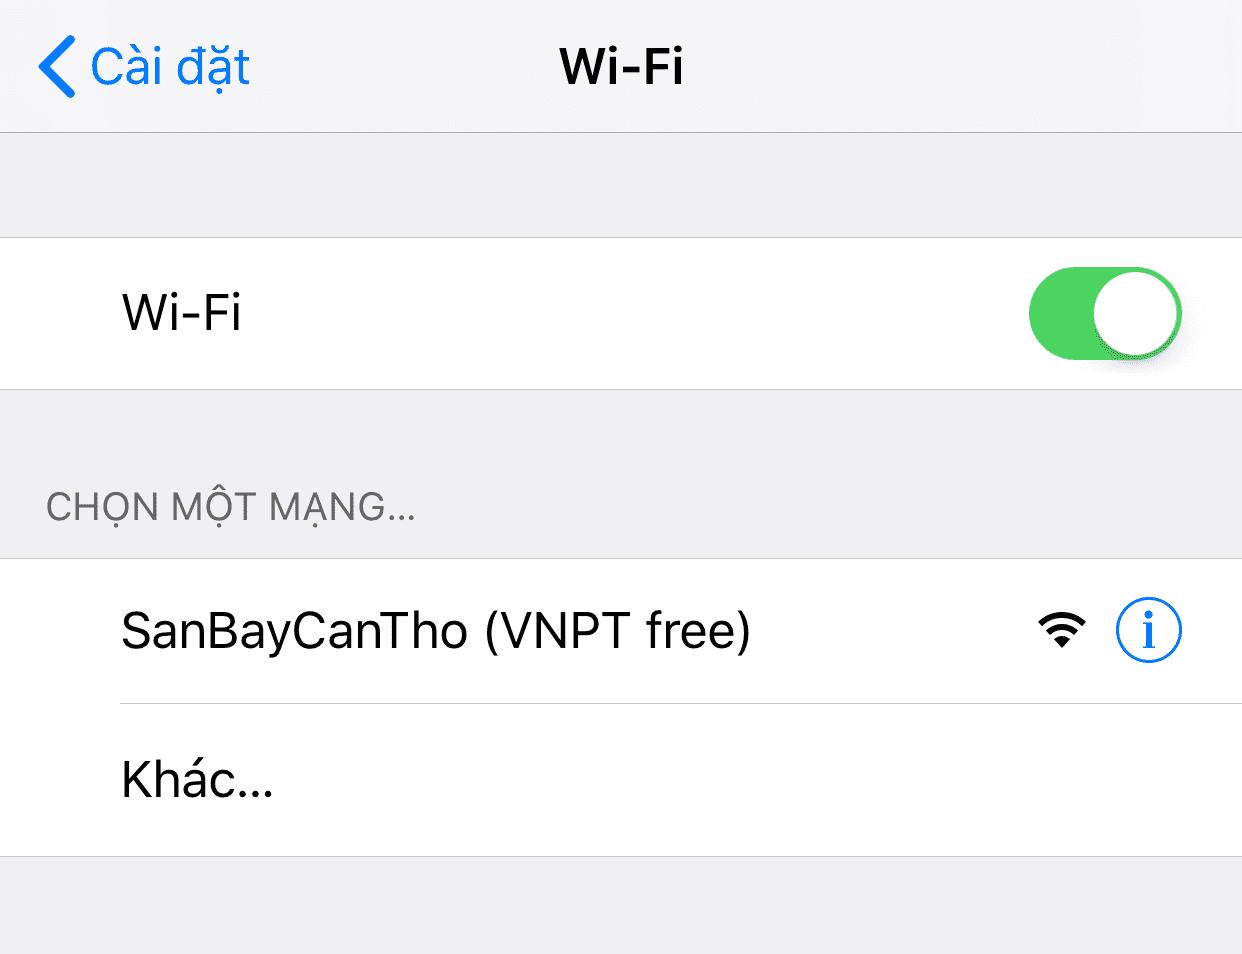 WIFI miễn phí - sân bay Cần Thơ